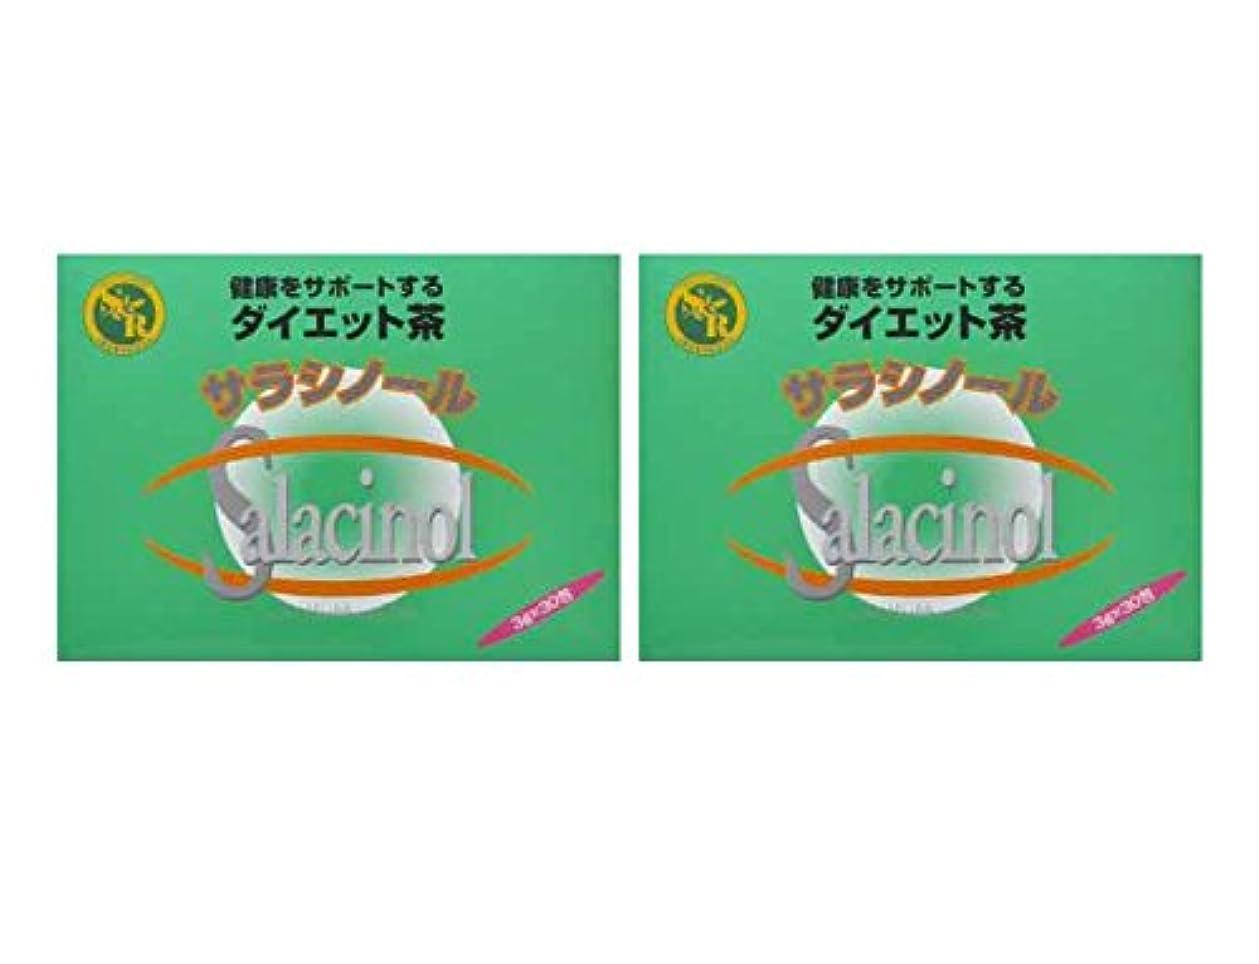 大いに充実廃止するジャパンヘルス サラシノール茶 3g×30包×2箱セット(サラシア茶?ダイエット茶)